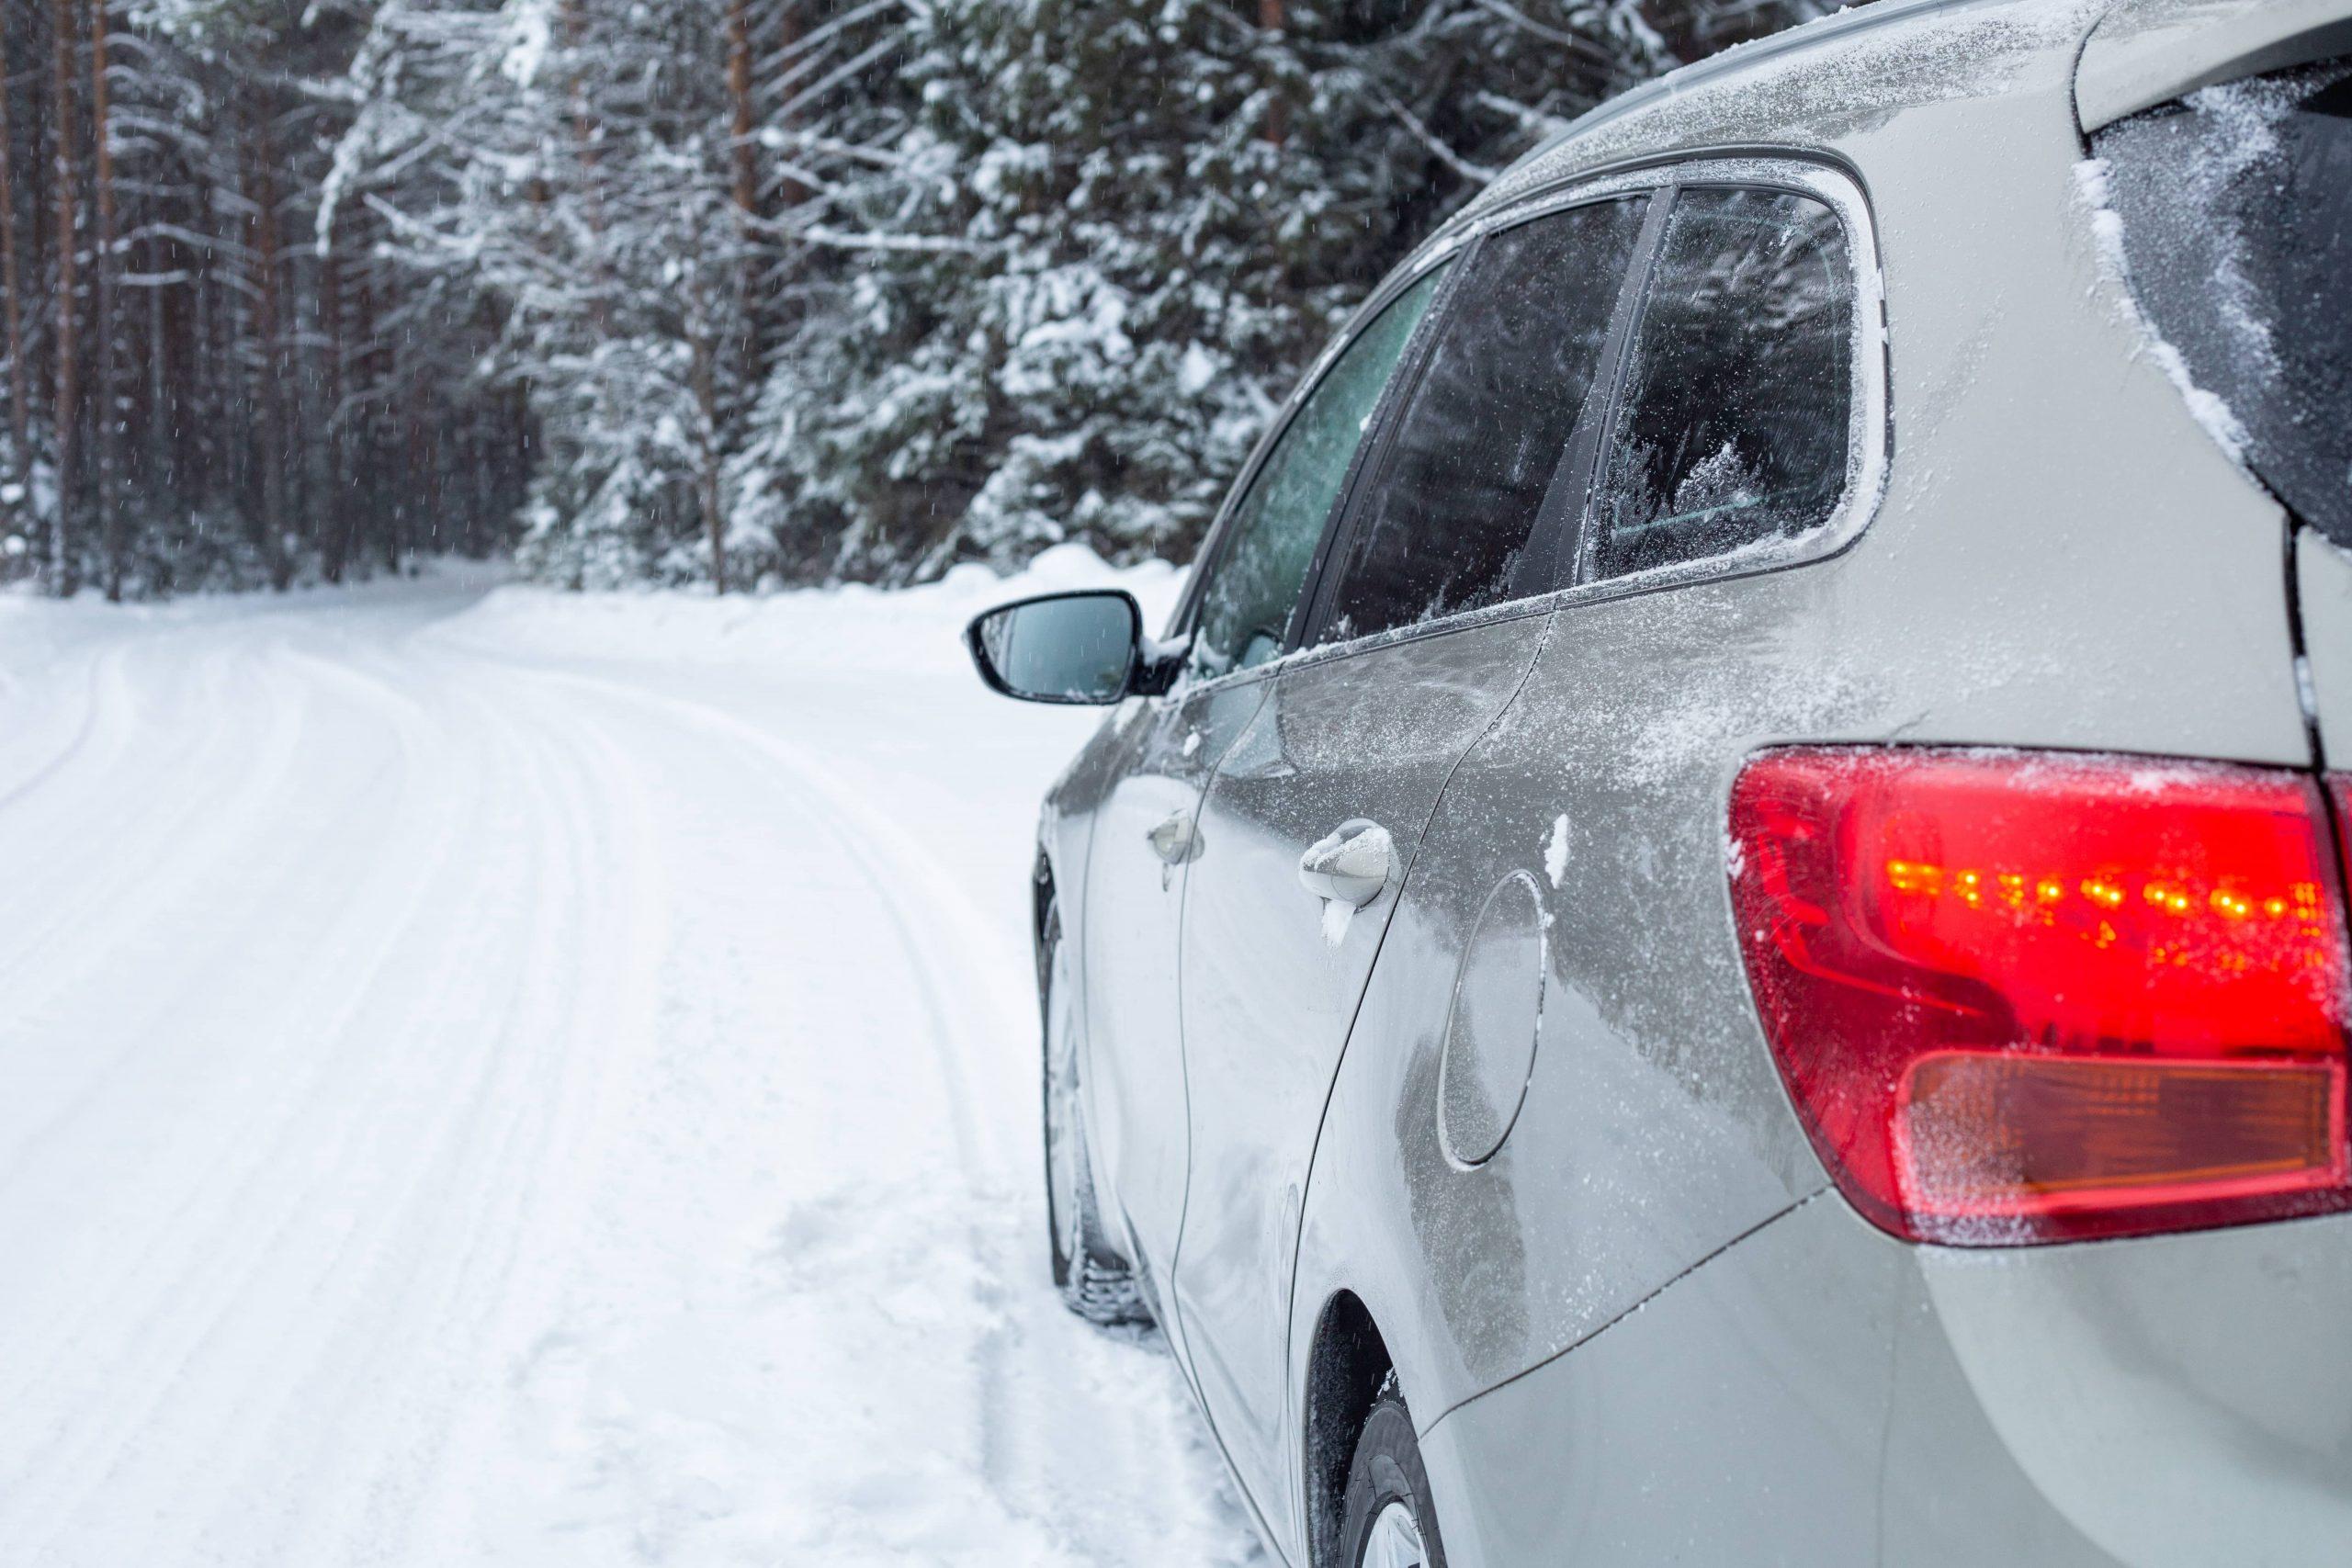 Bilde av en suv bil i vinterlandskap på veien med skog i bakgrunnen